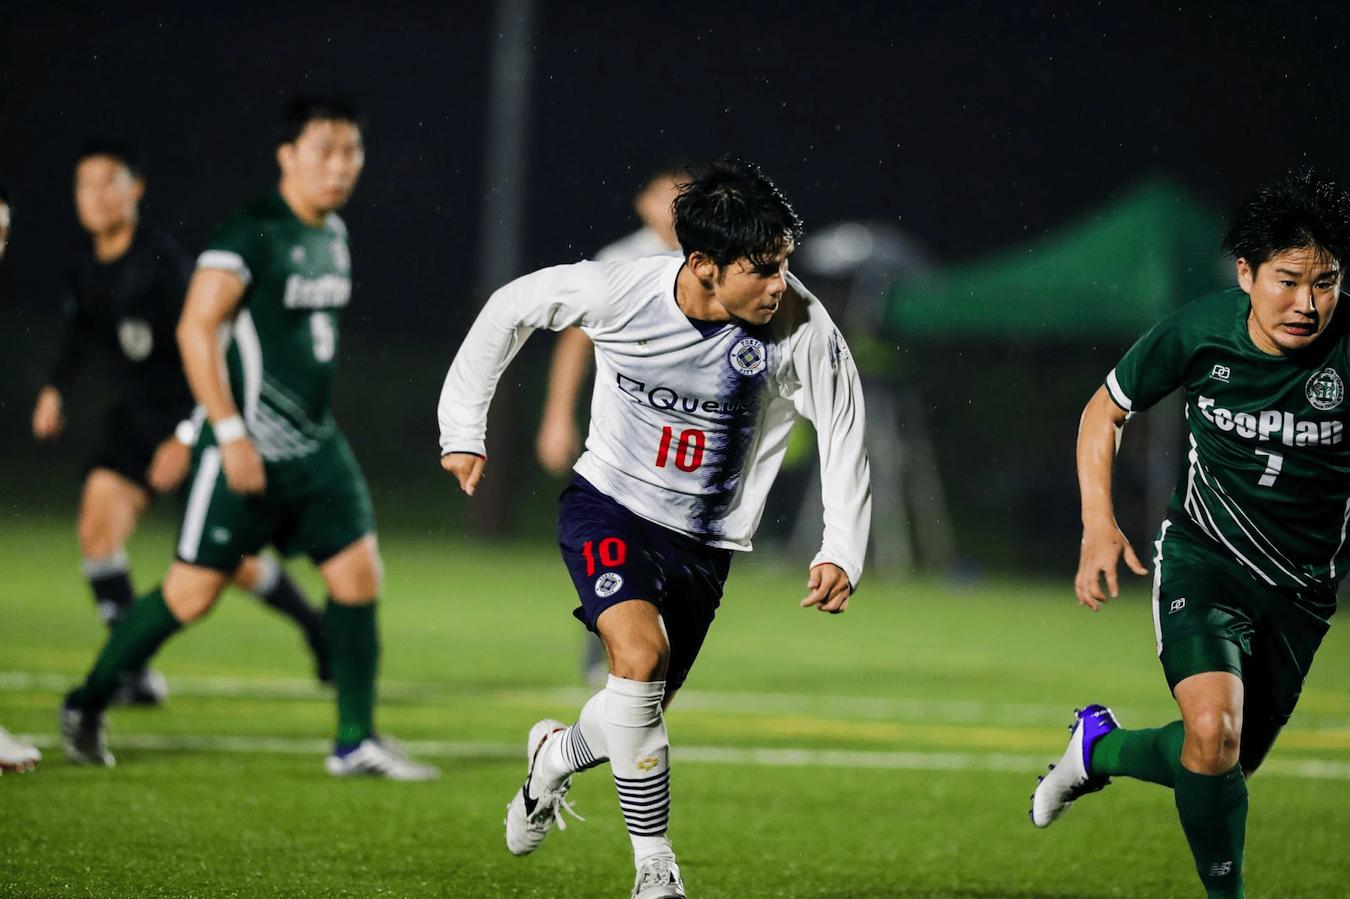 ソーシャルフットボールクラブ SHIBUYA CITY FCがめざす新しいスポーツクラブの形